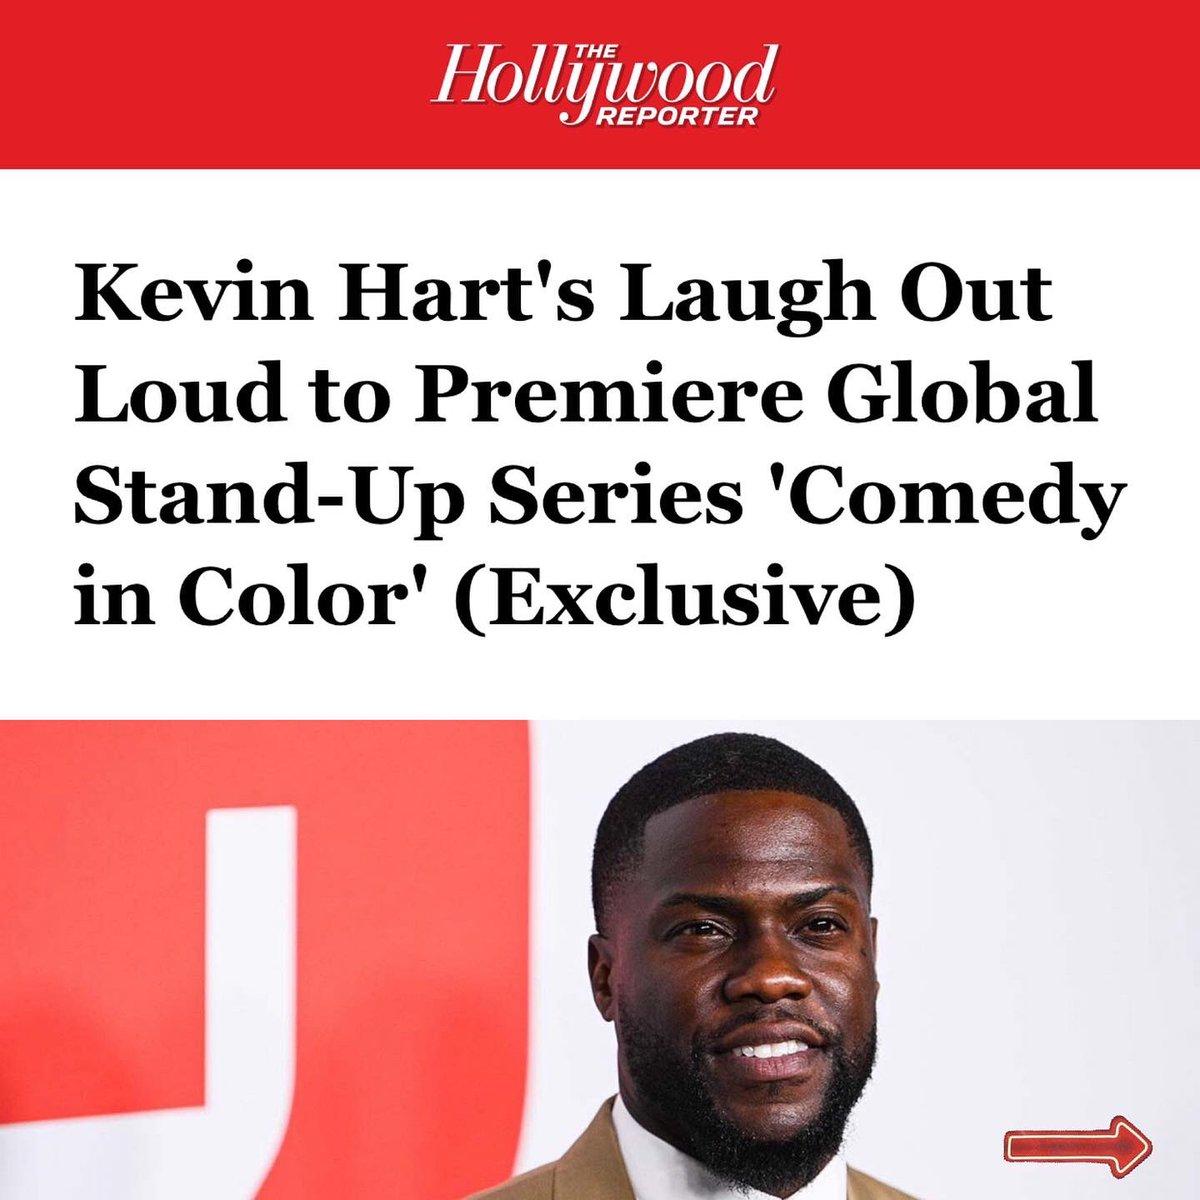 Quem é um ícone da comédia mundial? Quem? /// 🇺🇸 Who is an international comedy icon? 🙋🏻♂️ @THR